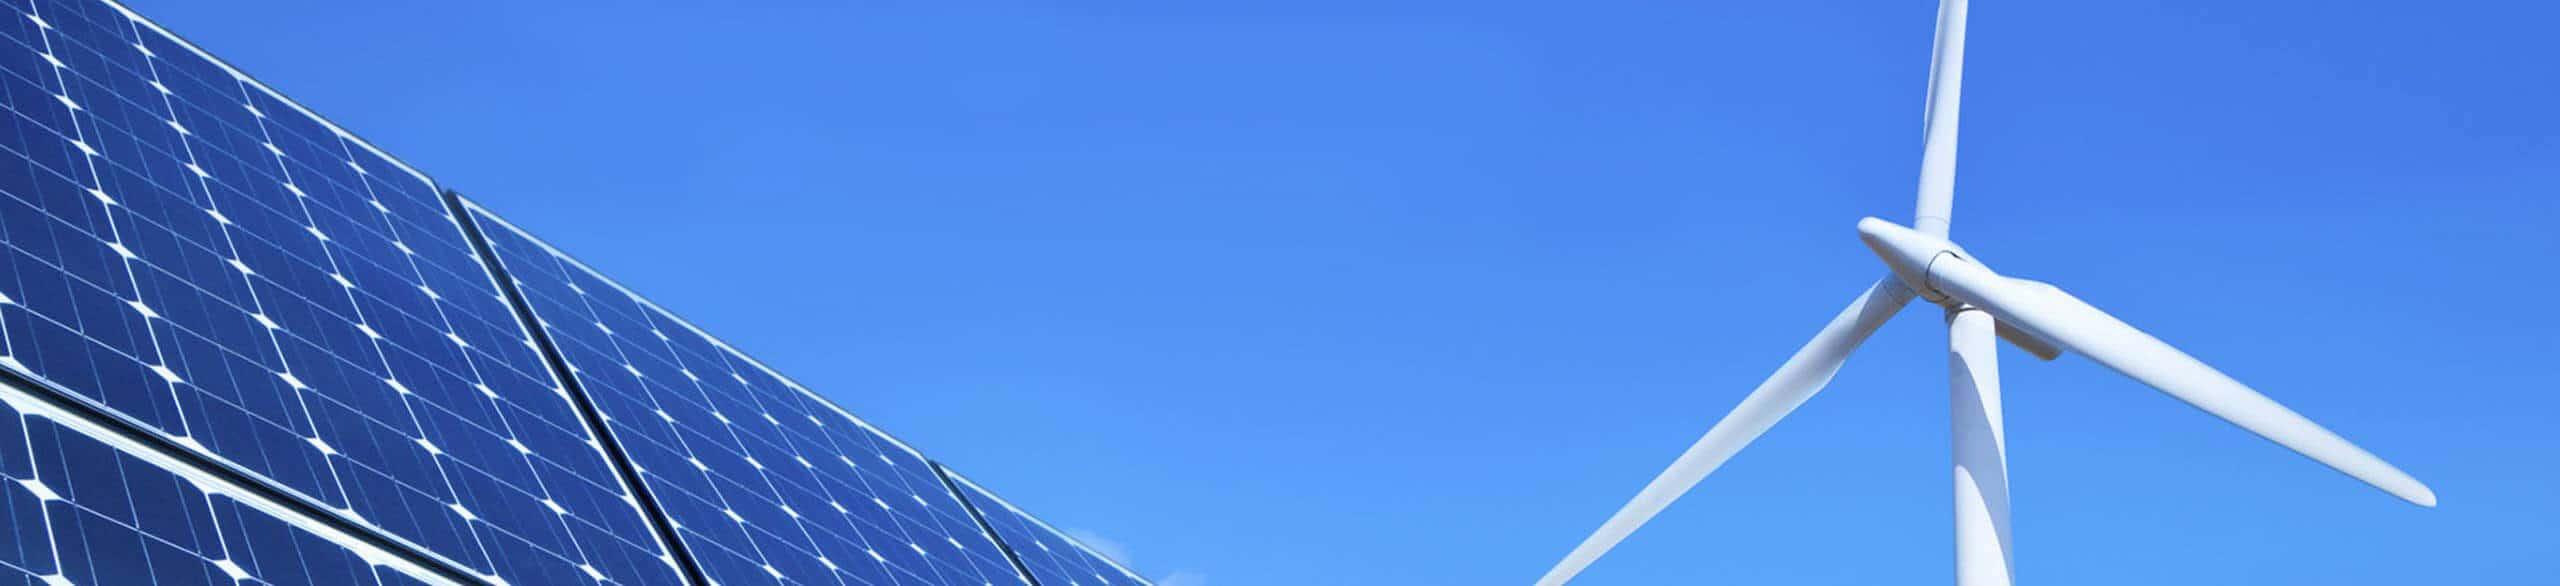 Amanprana doet aan duurzaam ondernemen met zonne-energie en windenergie